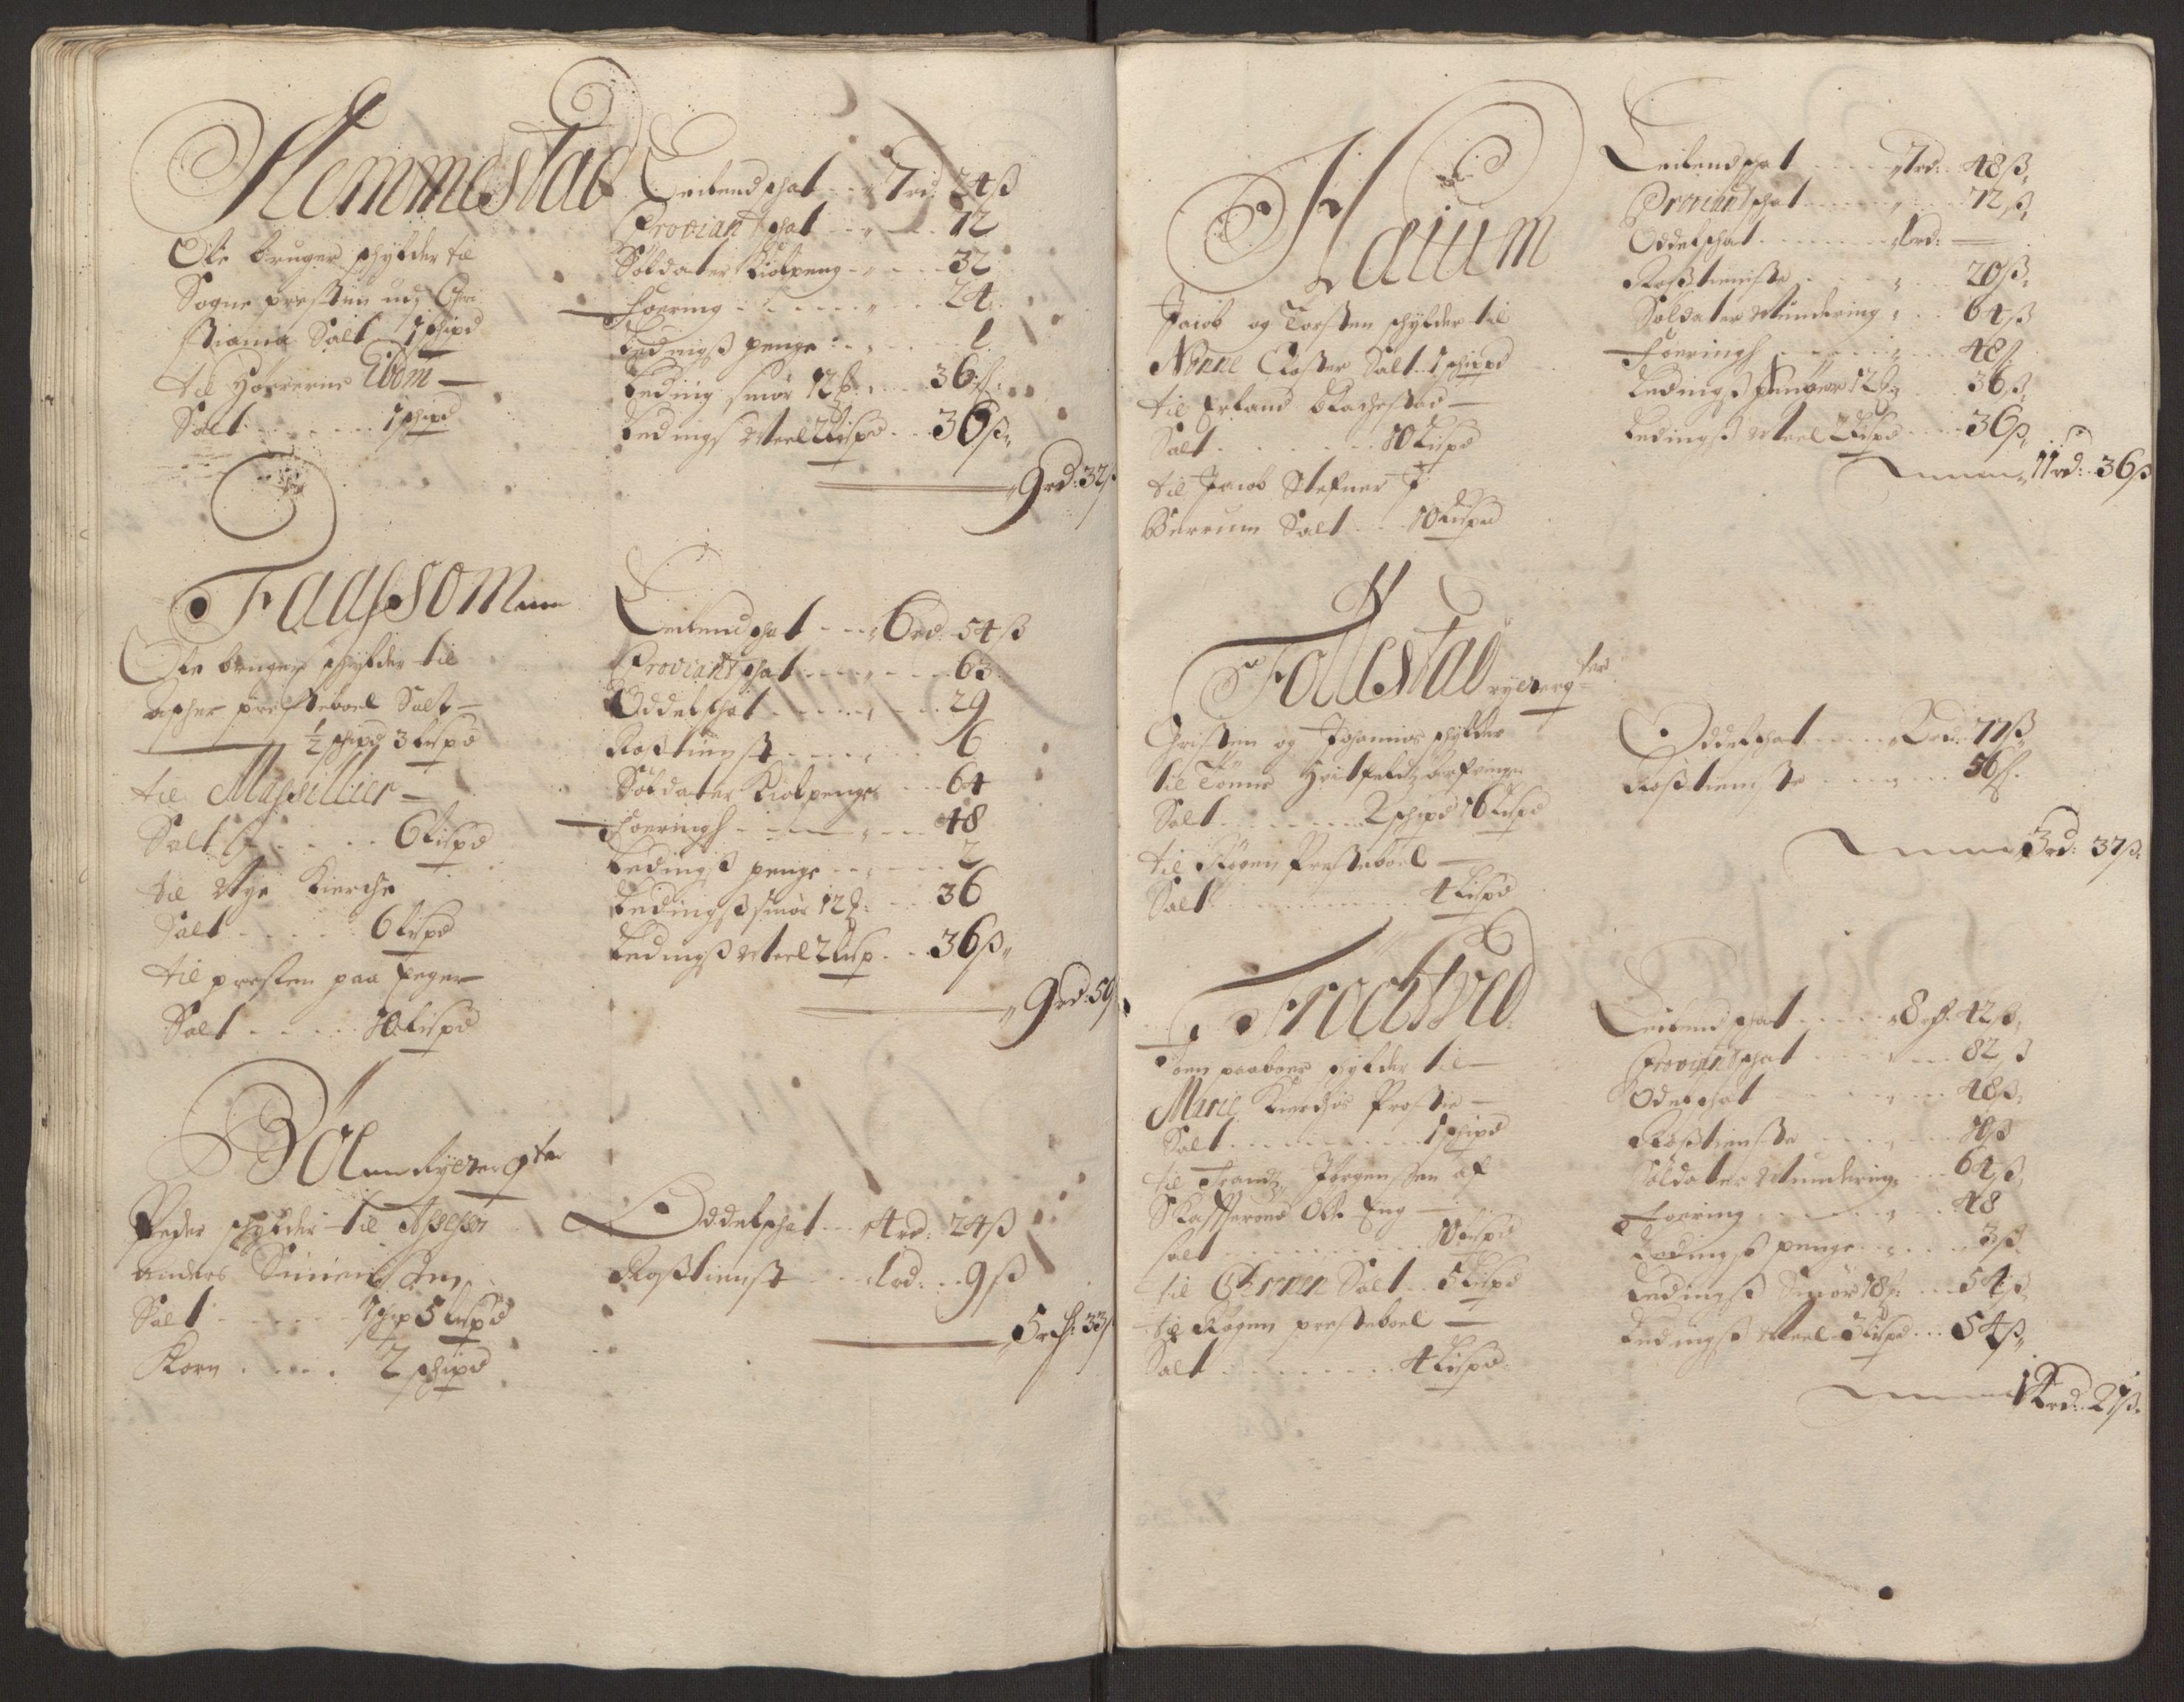 RA, Rentekammeret inntil 1814, Reviderte regnskaper, Fogderegnskap, R30/L1694: Fogderegnskap Hurum, Røyken, Eiker og Lier, 1694-1696, s. 355